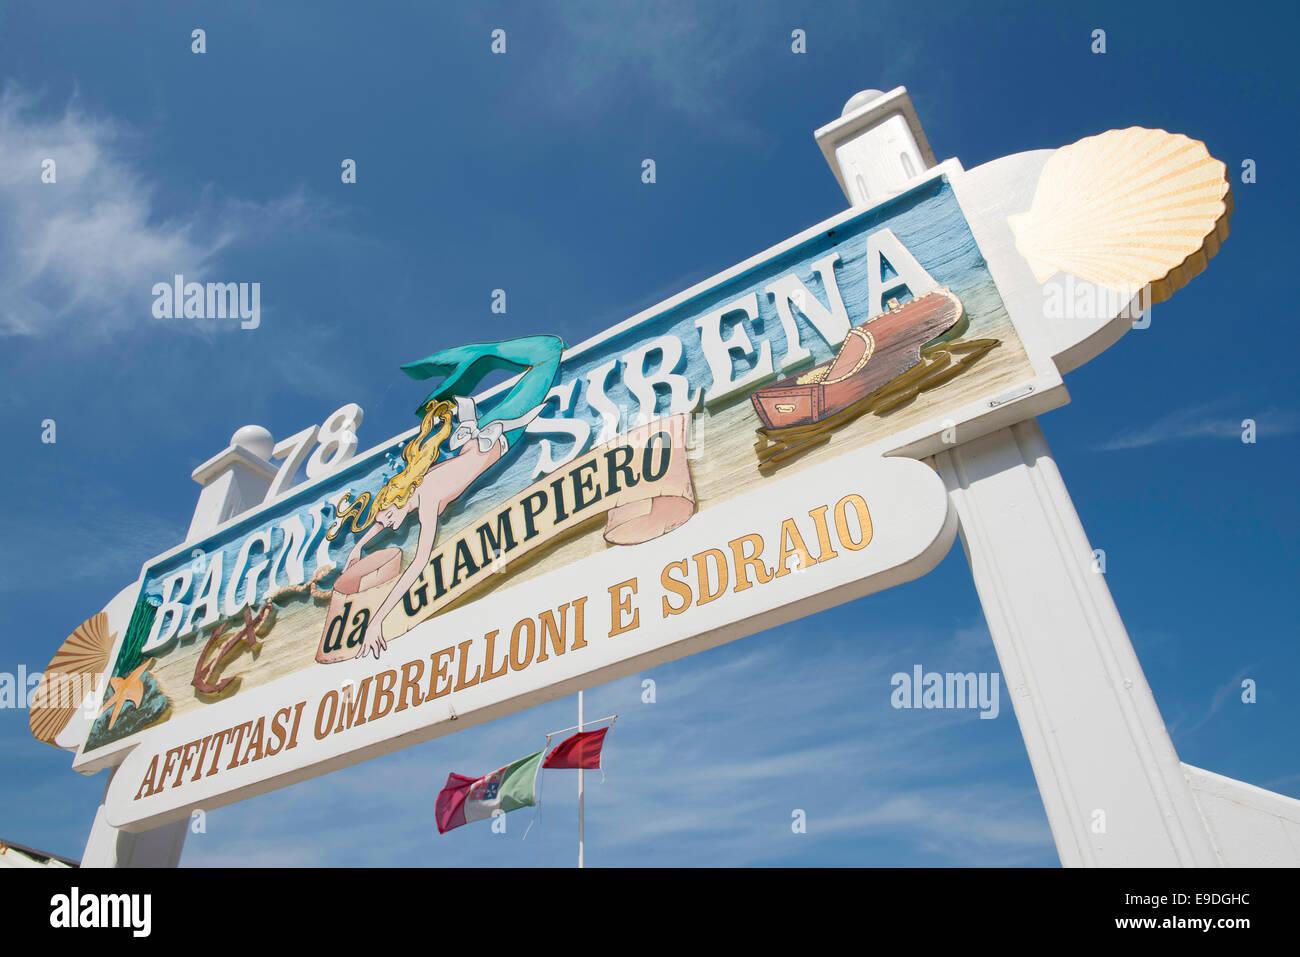 Bagni sirena da giampiero seaside resort bathing area beach